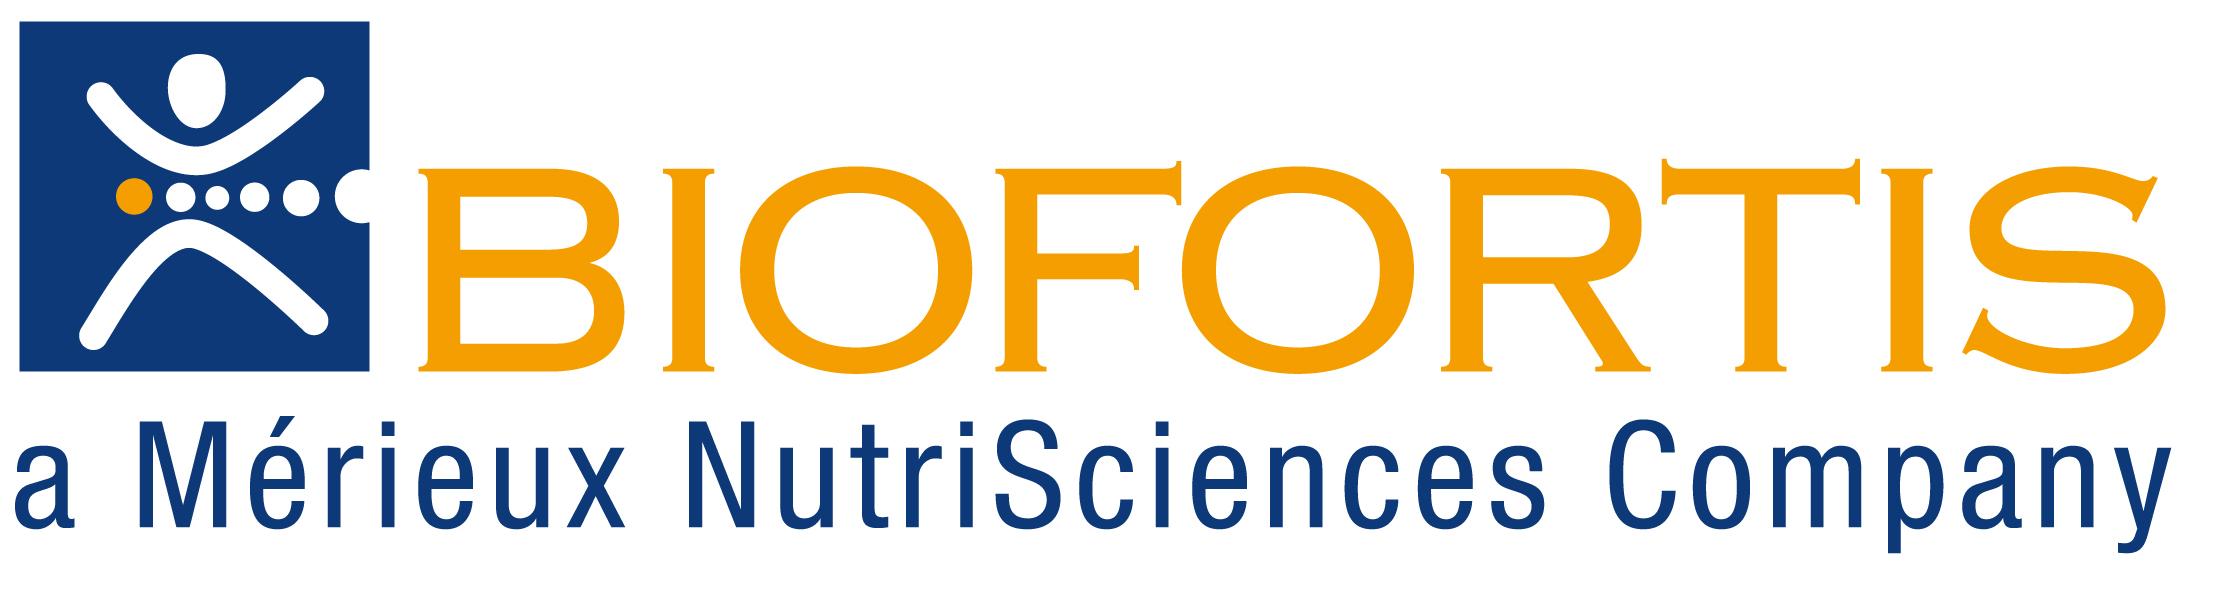 Biofortis logo